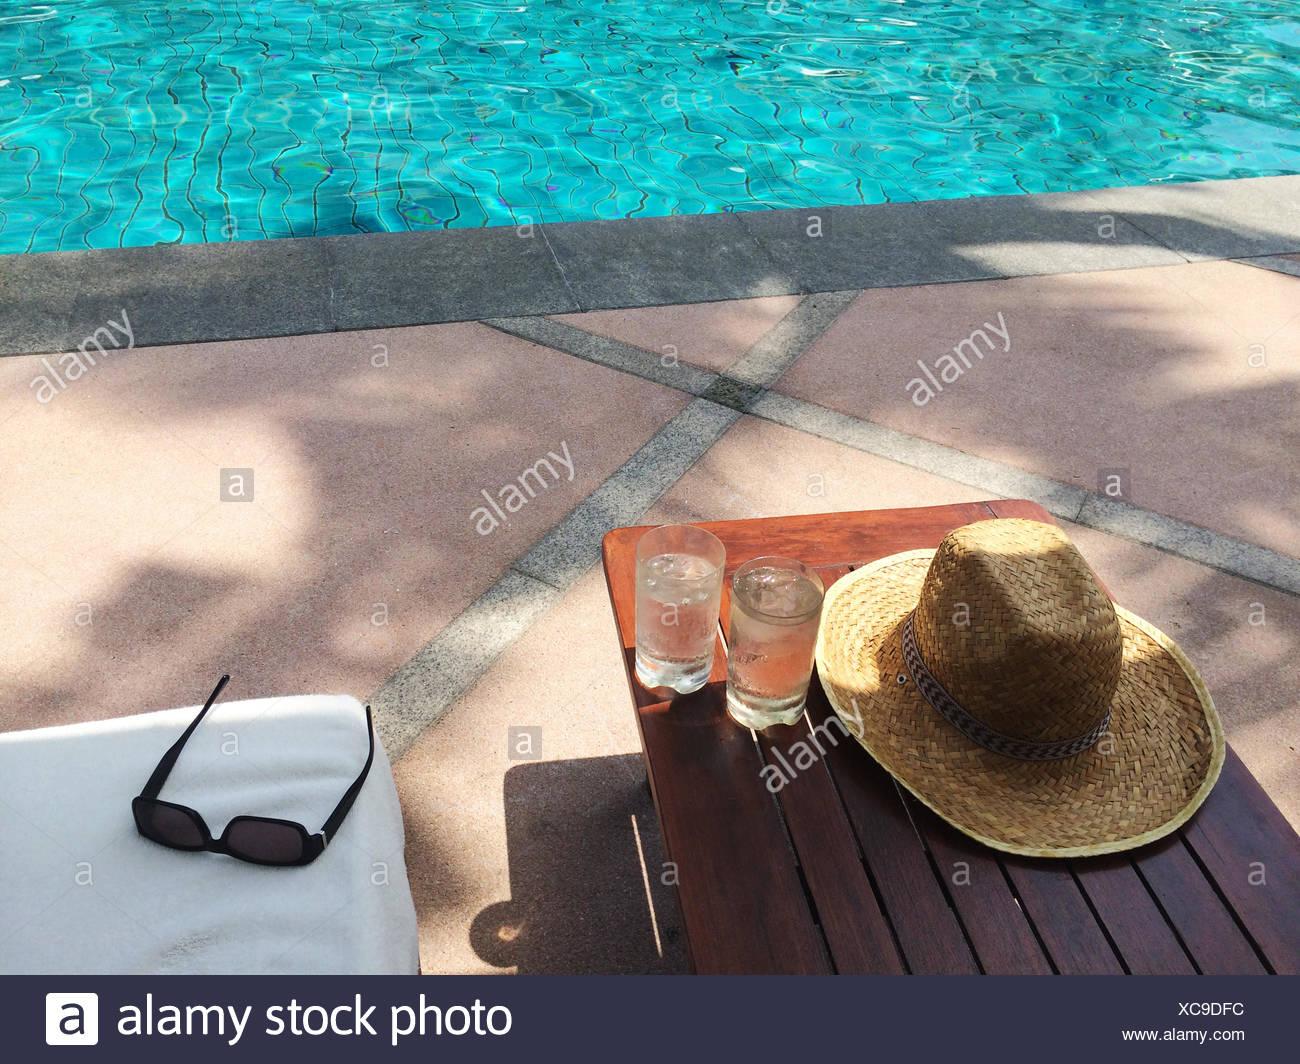 Paja sombrero para el sol, gafas de sol y dos vasos de agua de piscina Foto de stock